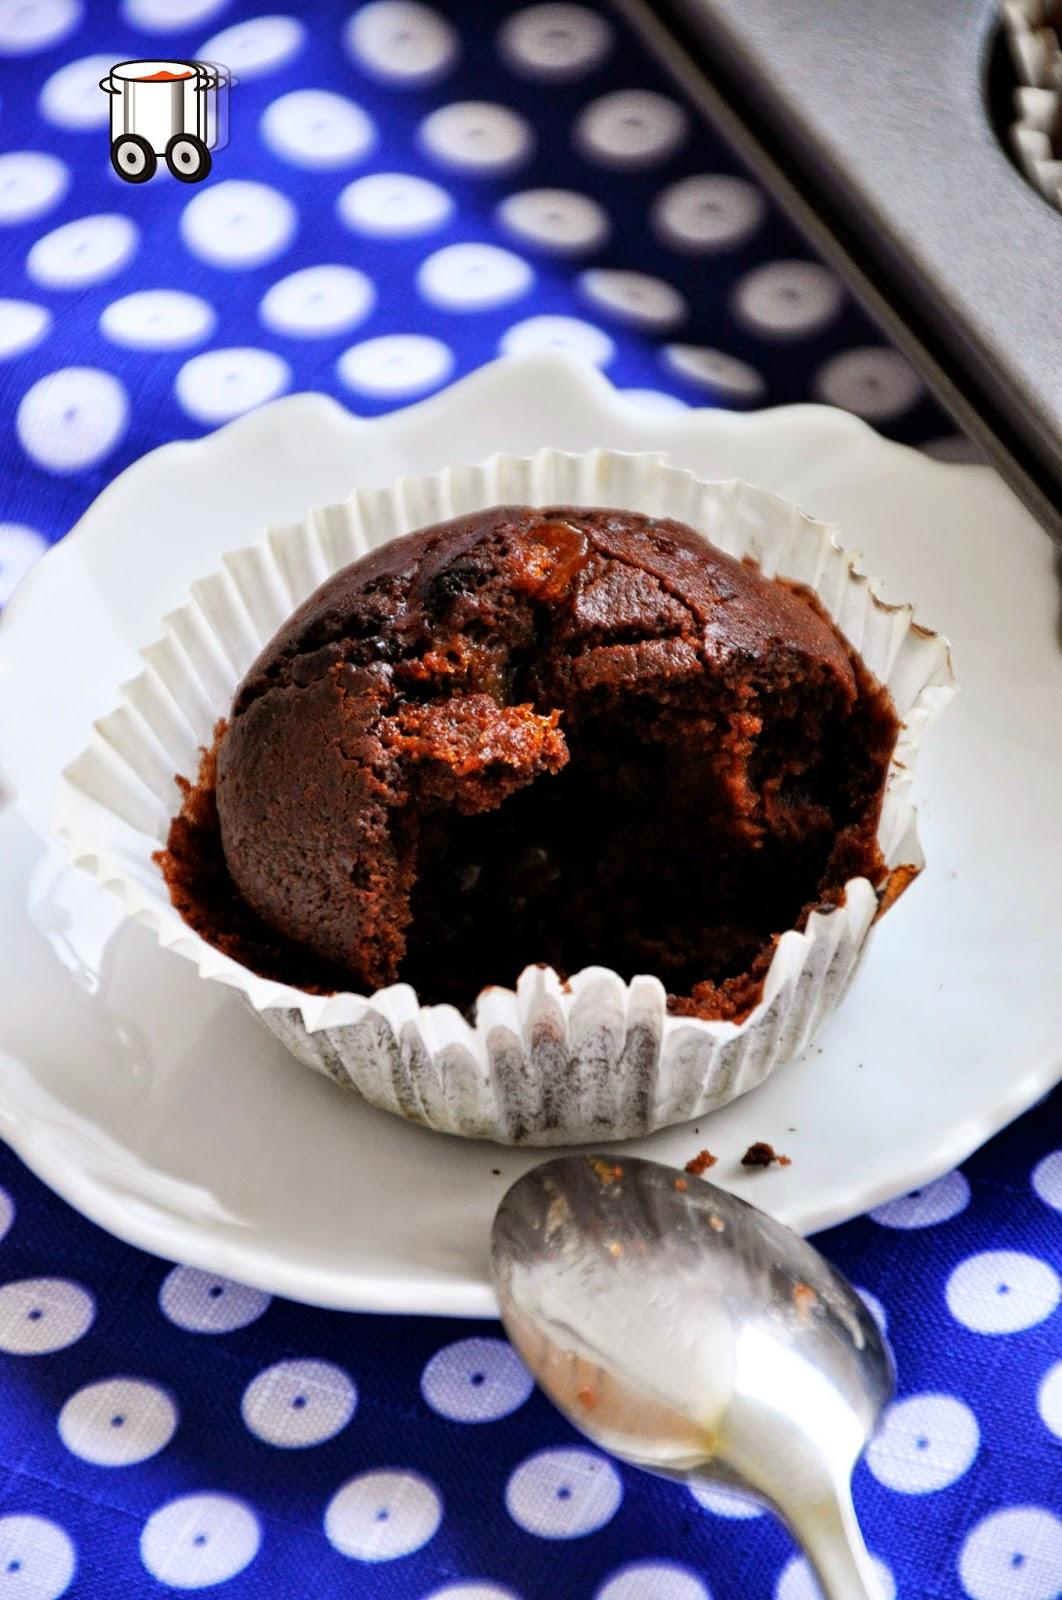 Szybko Tanio Smacznie - Bezglutenowe mufinki czekoladowe